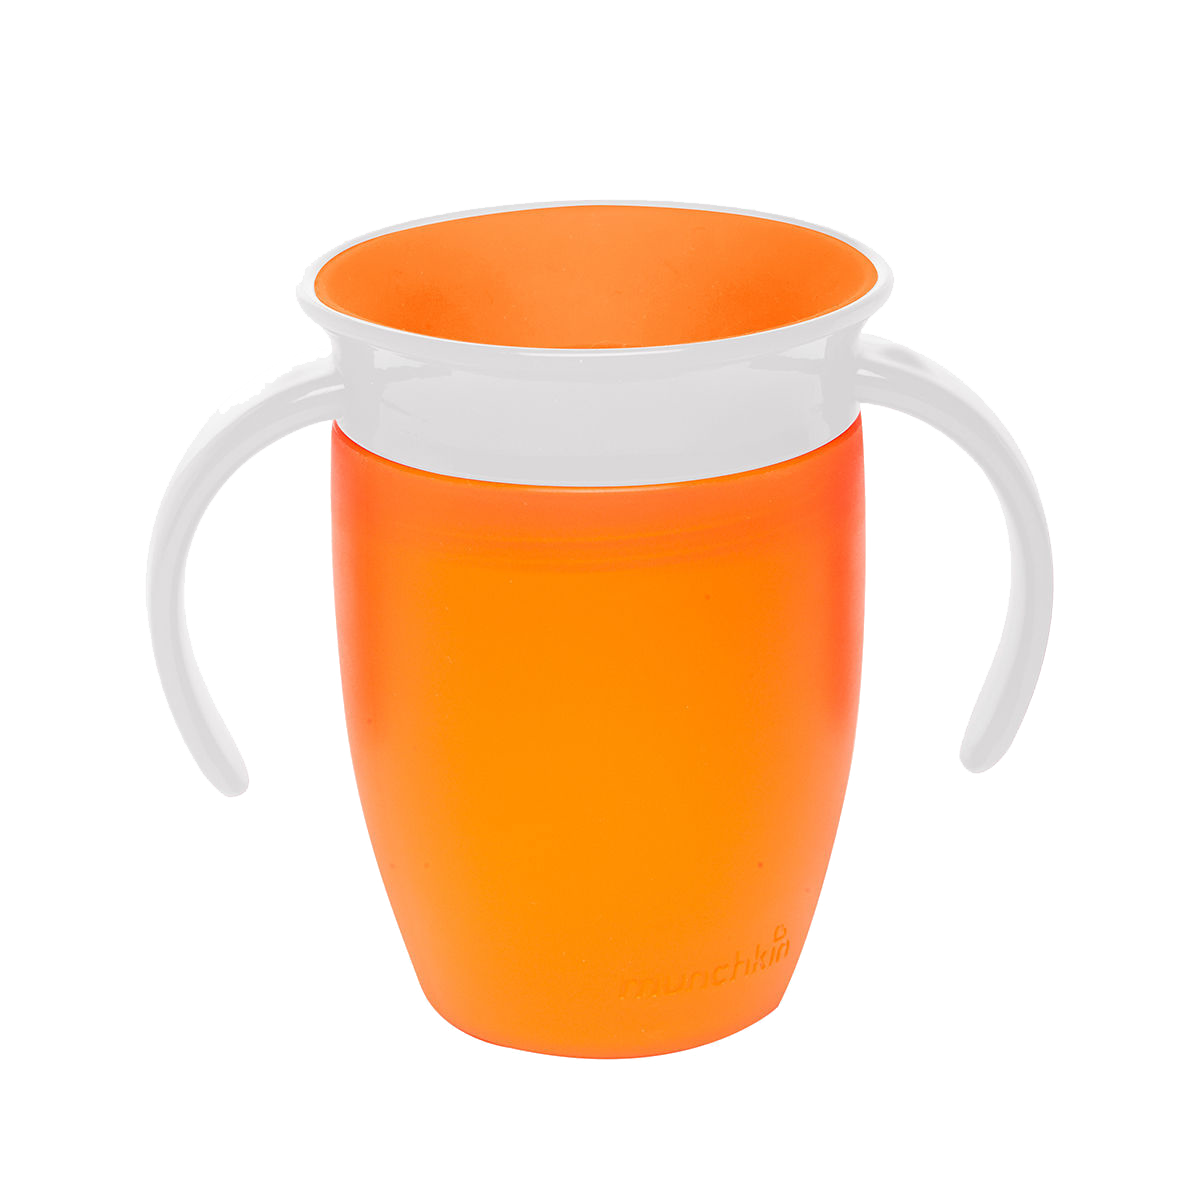 Εκπαιδευτικό πορτοκαλί ποτήρι  Miracle 360° Munchkin